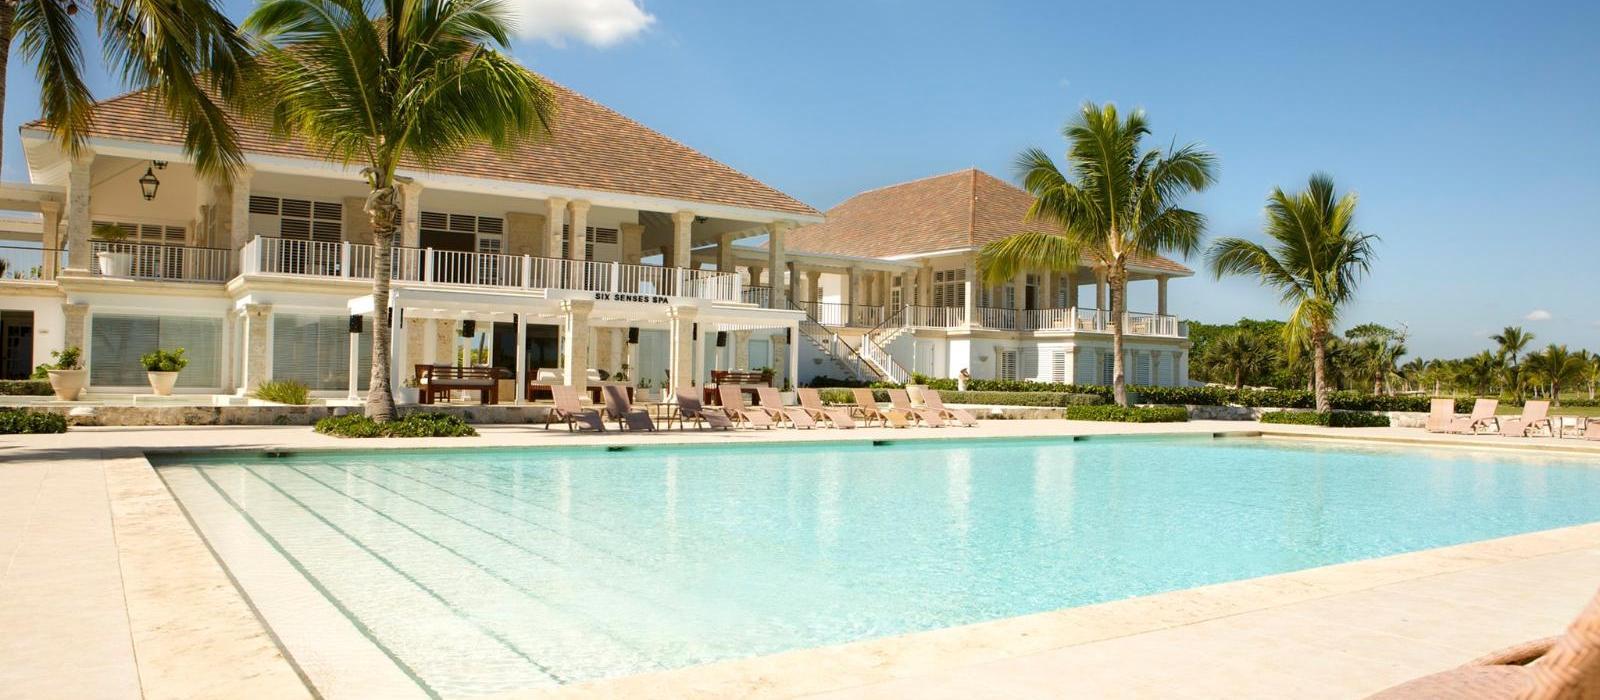 托尔图加湾酒店(Tortuga Bay) 图片  www.lhw.cn